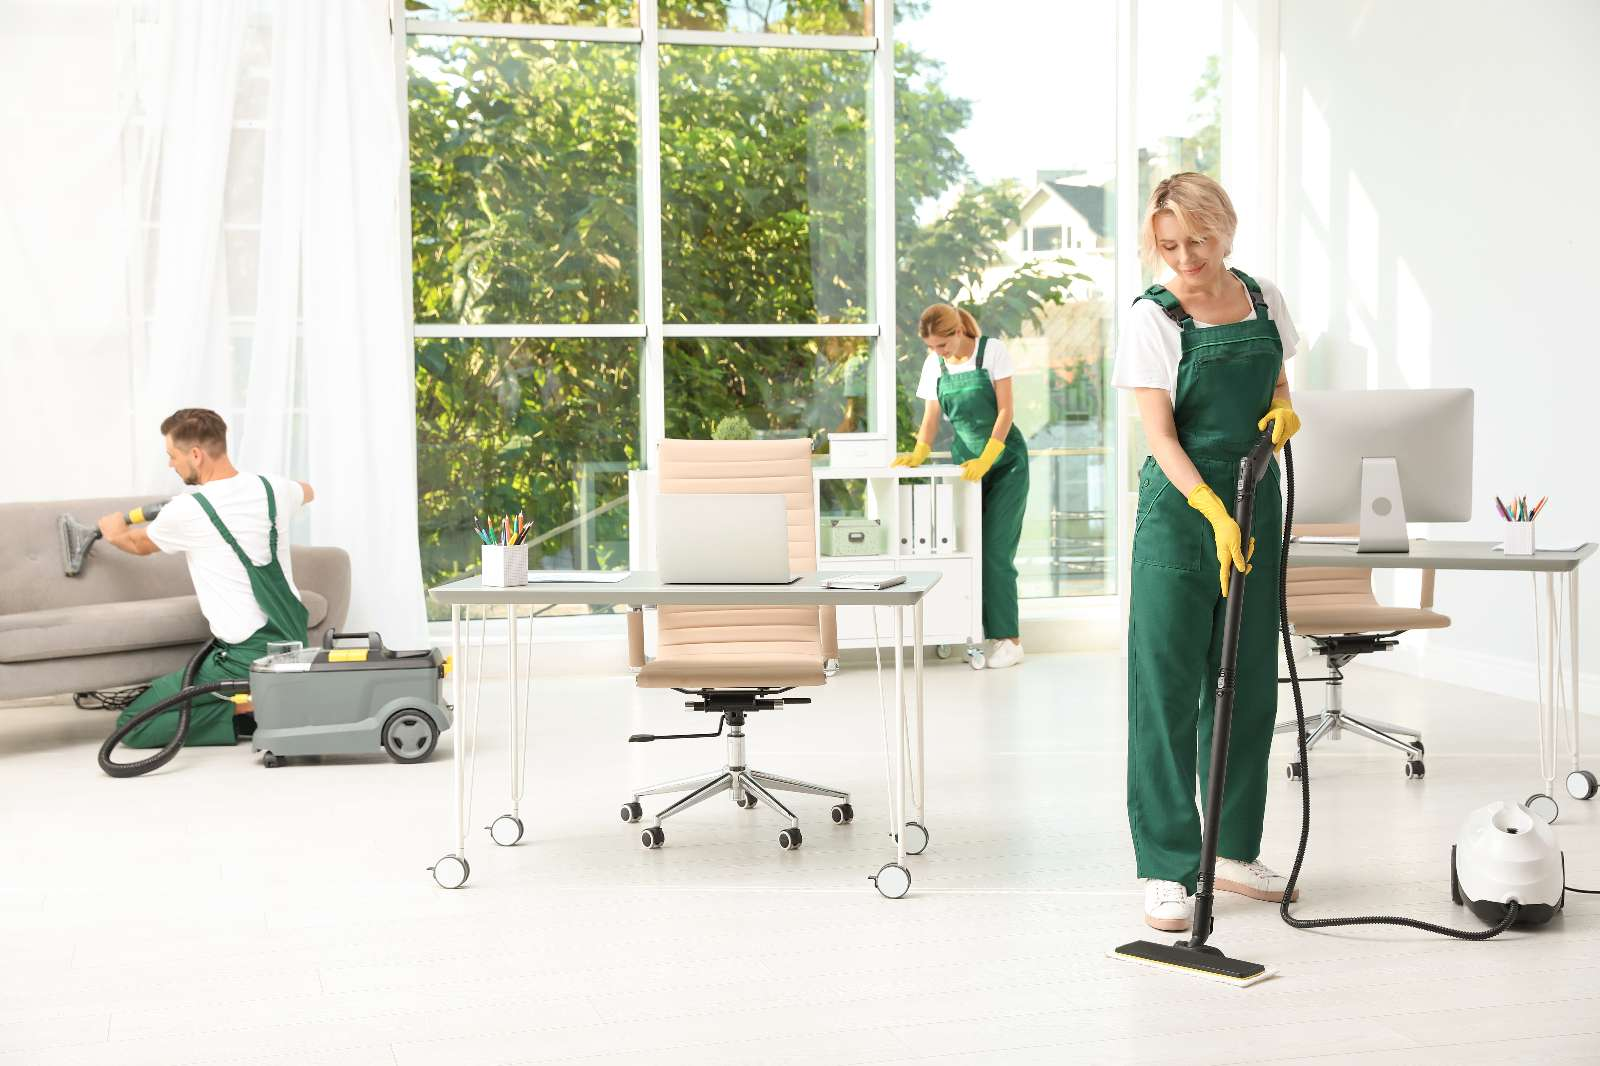 Unterhaltsreinigung: regelmäßige Reinigung von Objekten aller Art